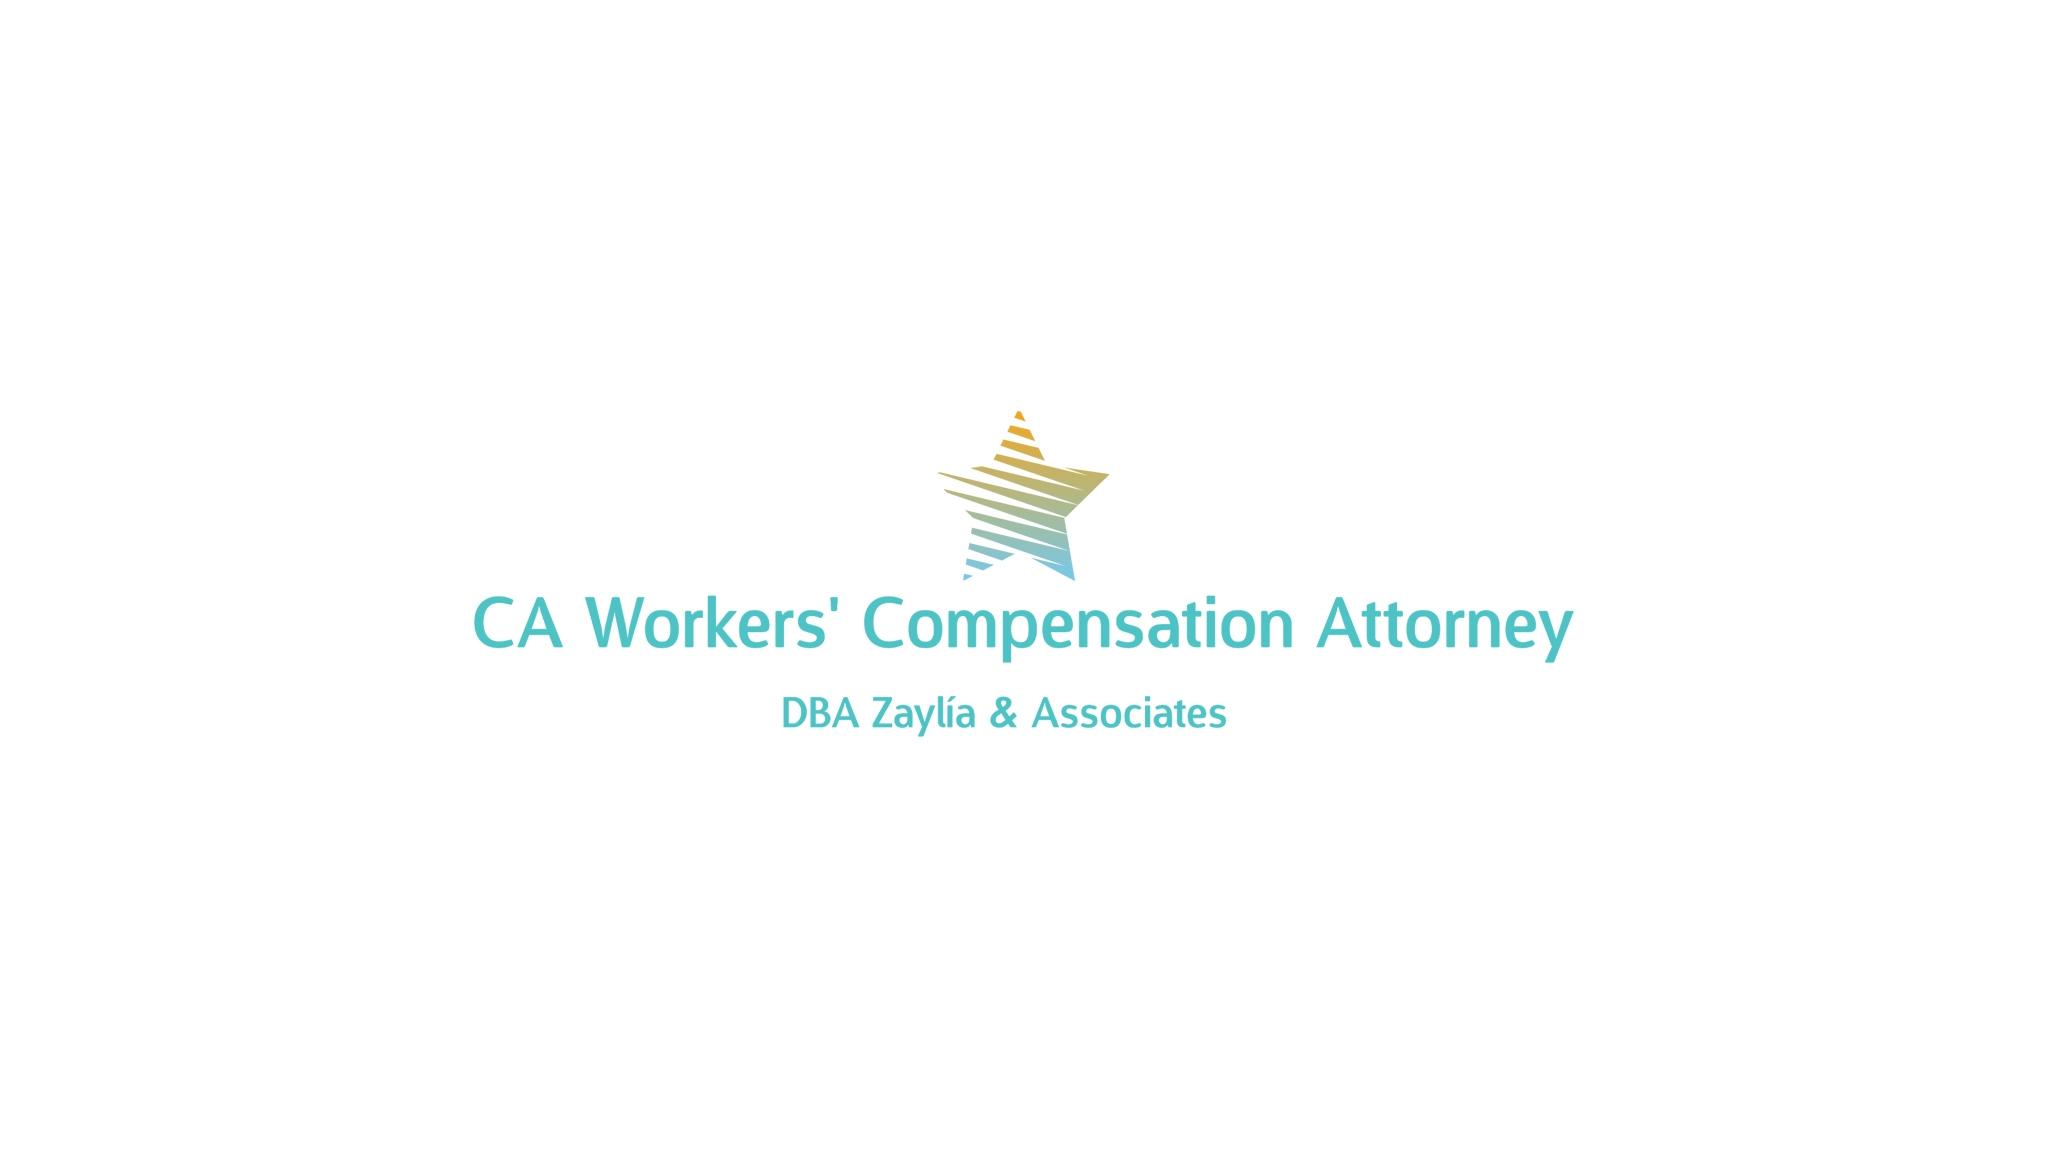 CAWorkersCompensationAttorney (@caworkerscomp) Cover Image